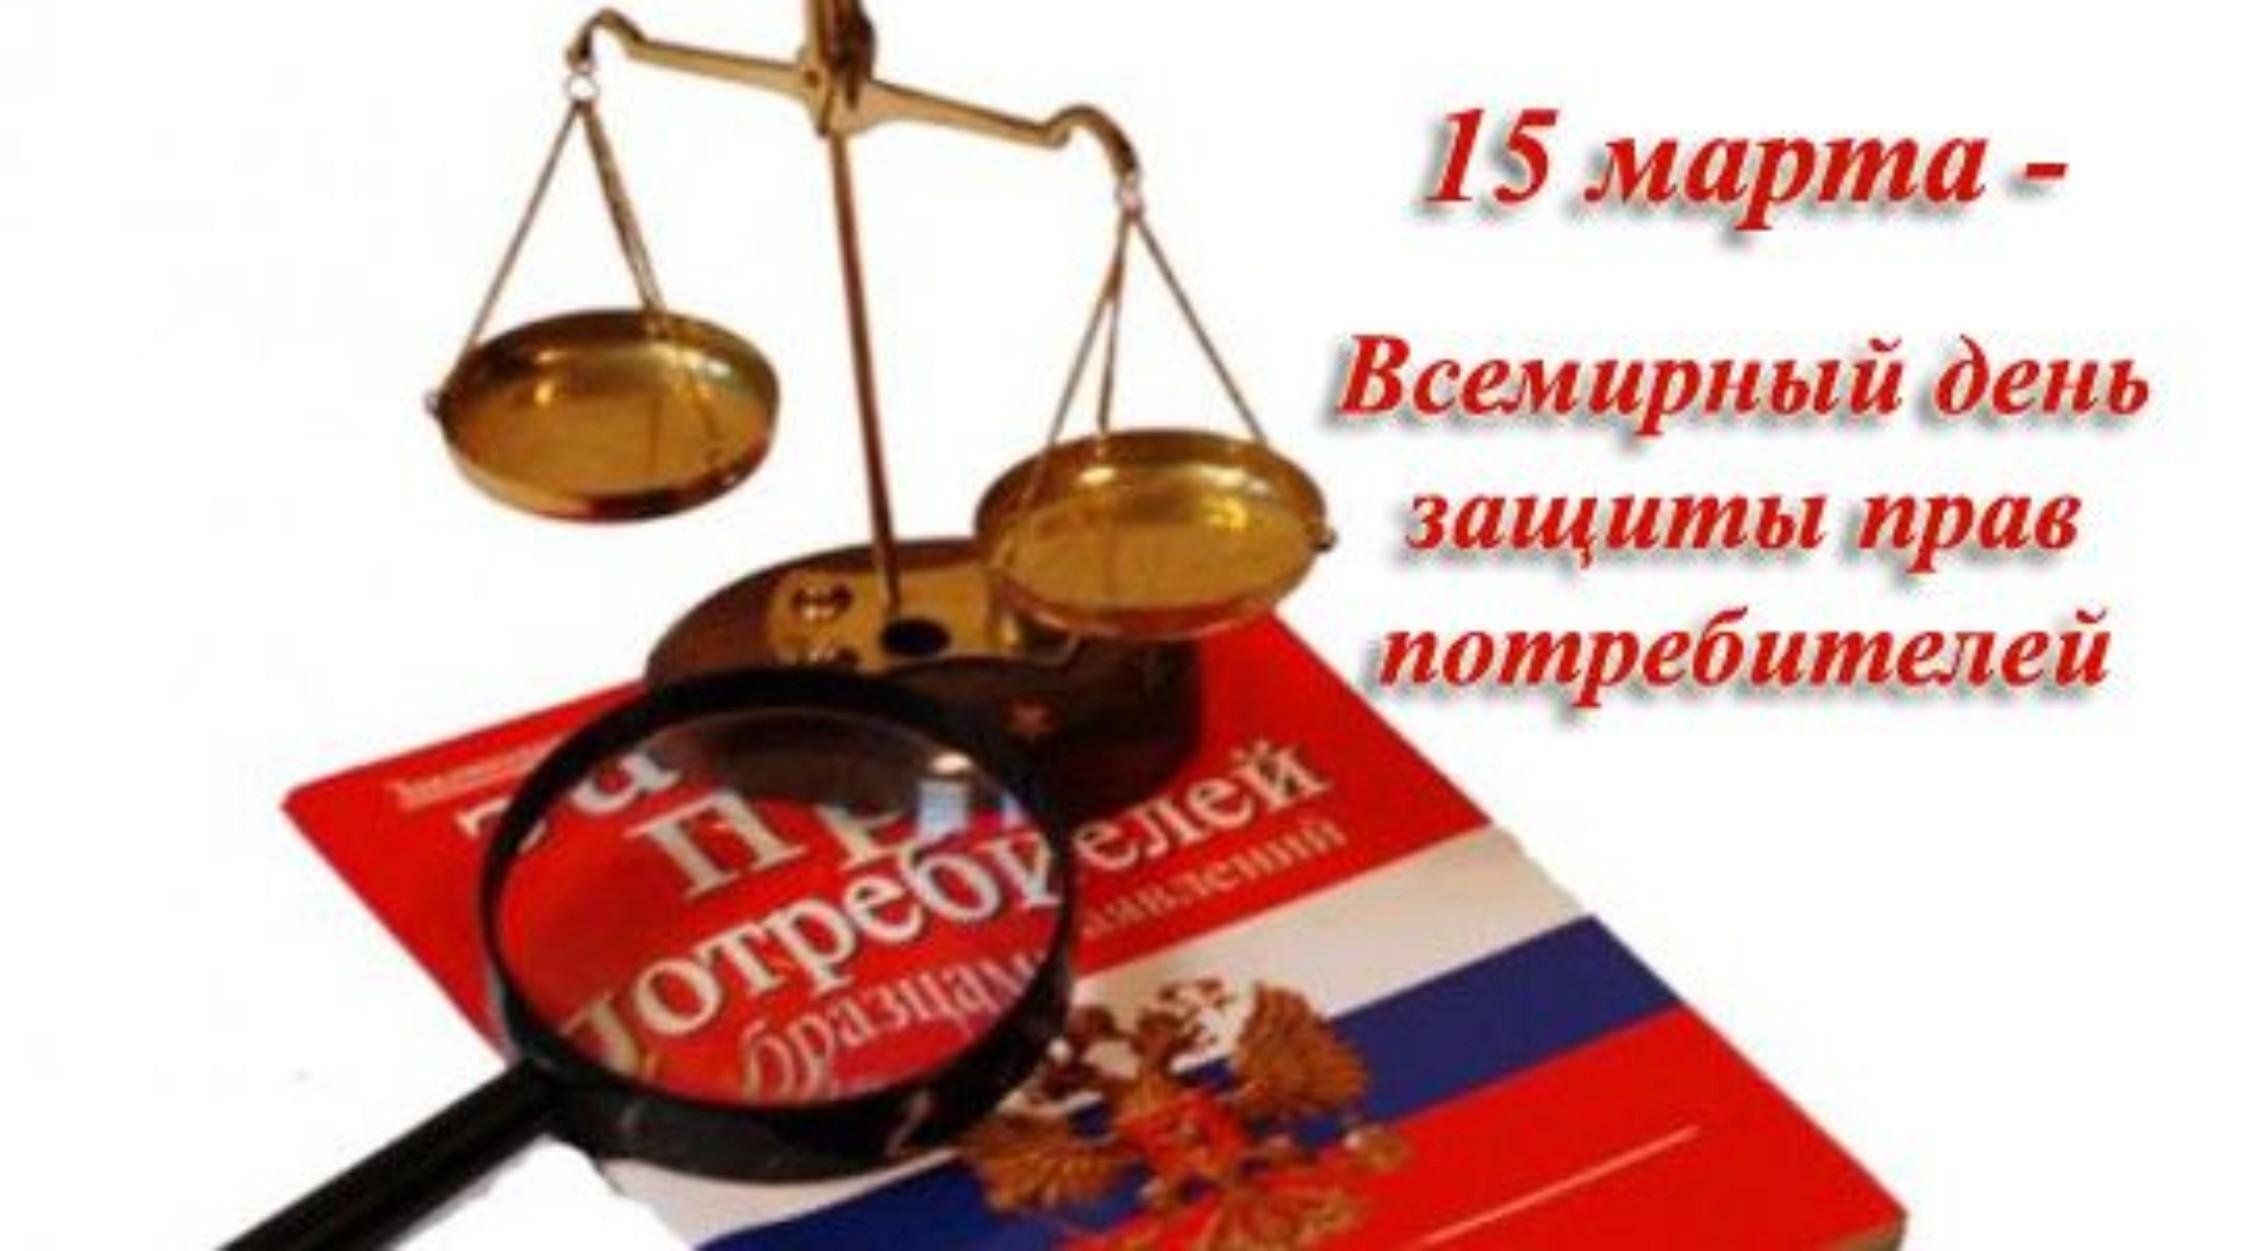 15 марта – день защиты прав потребителей